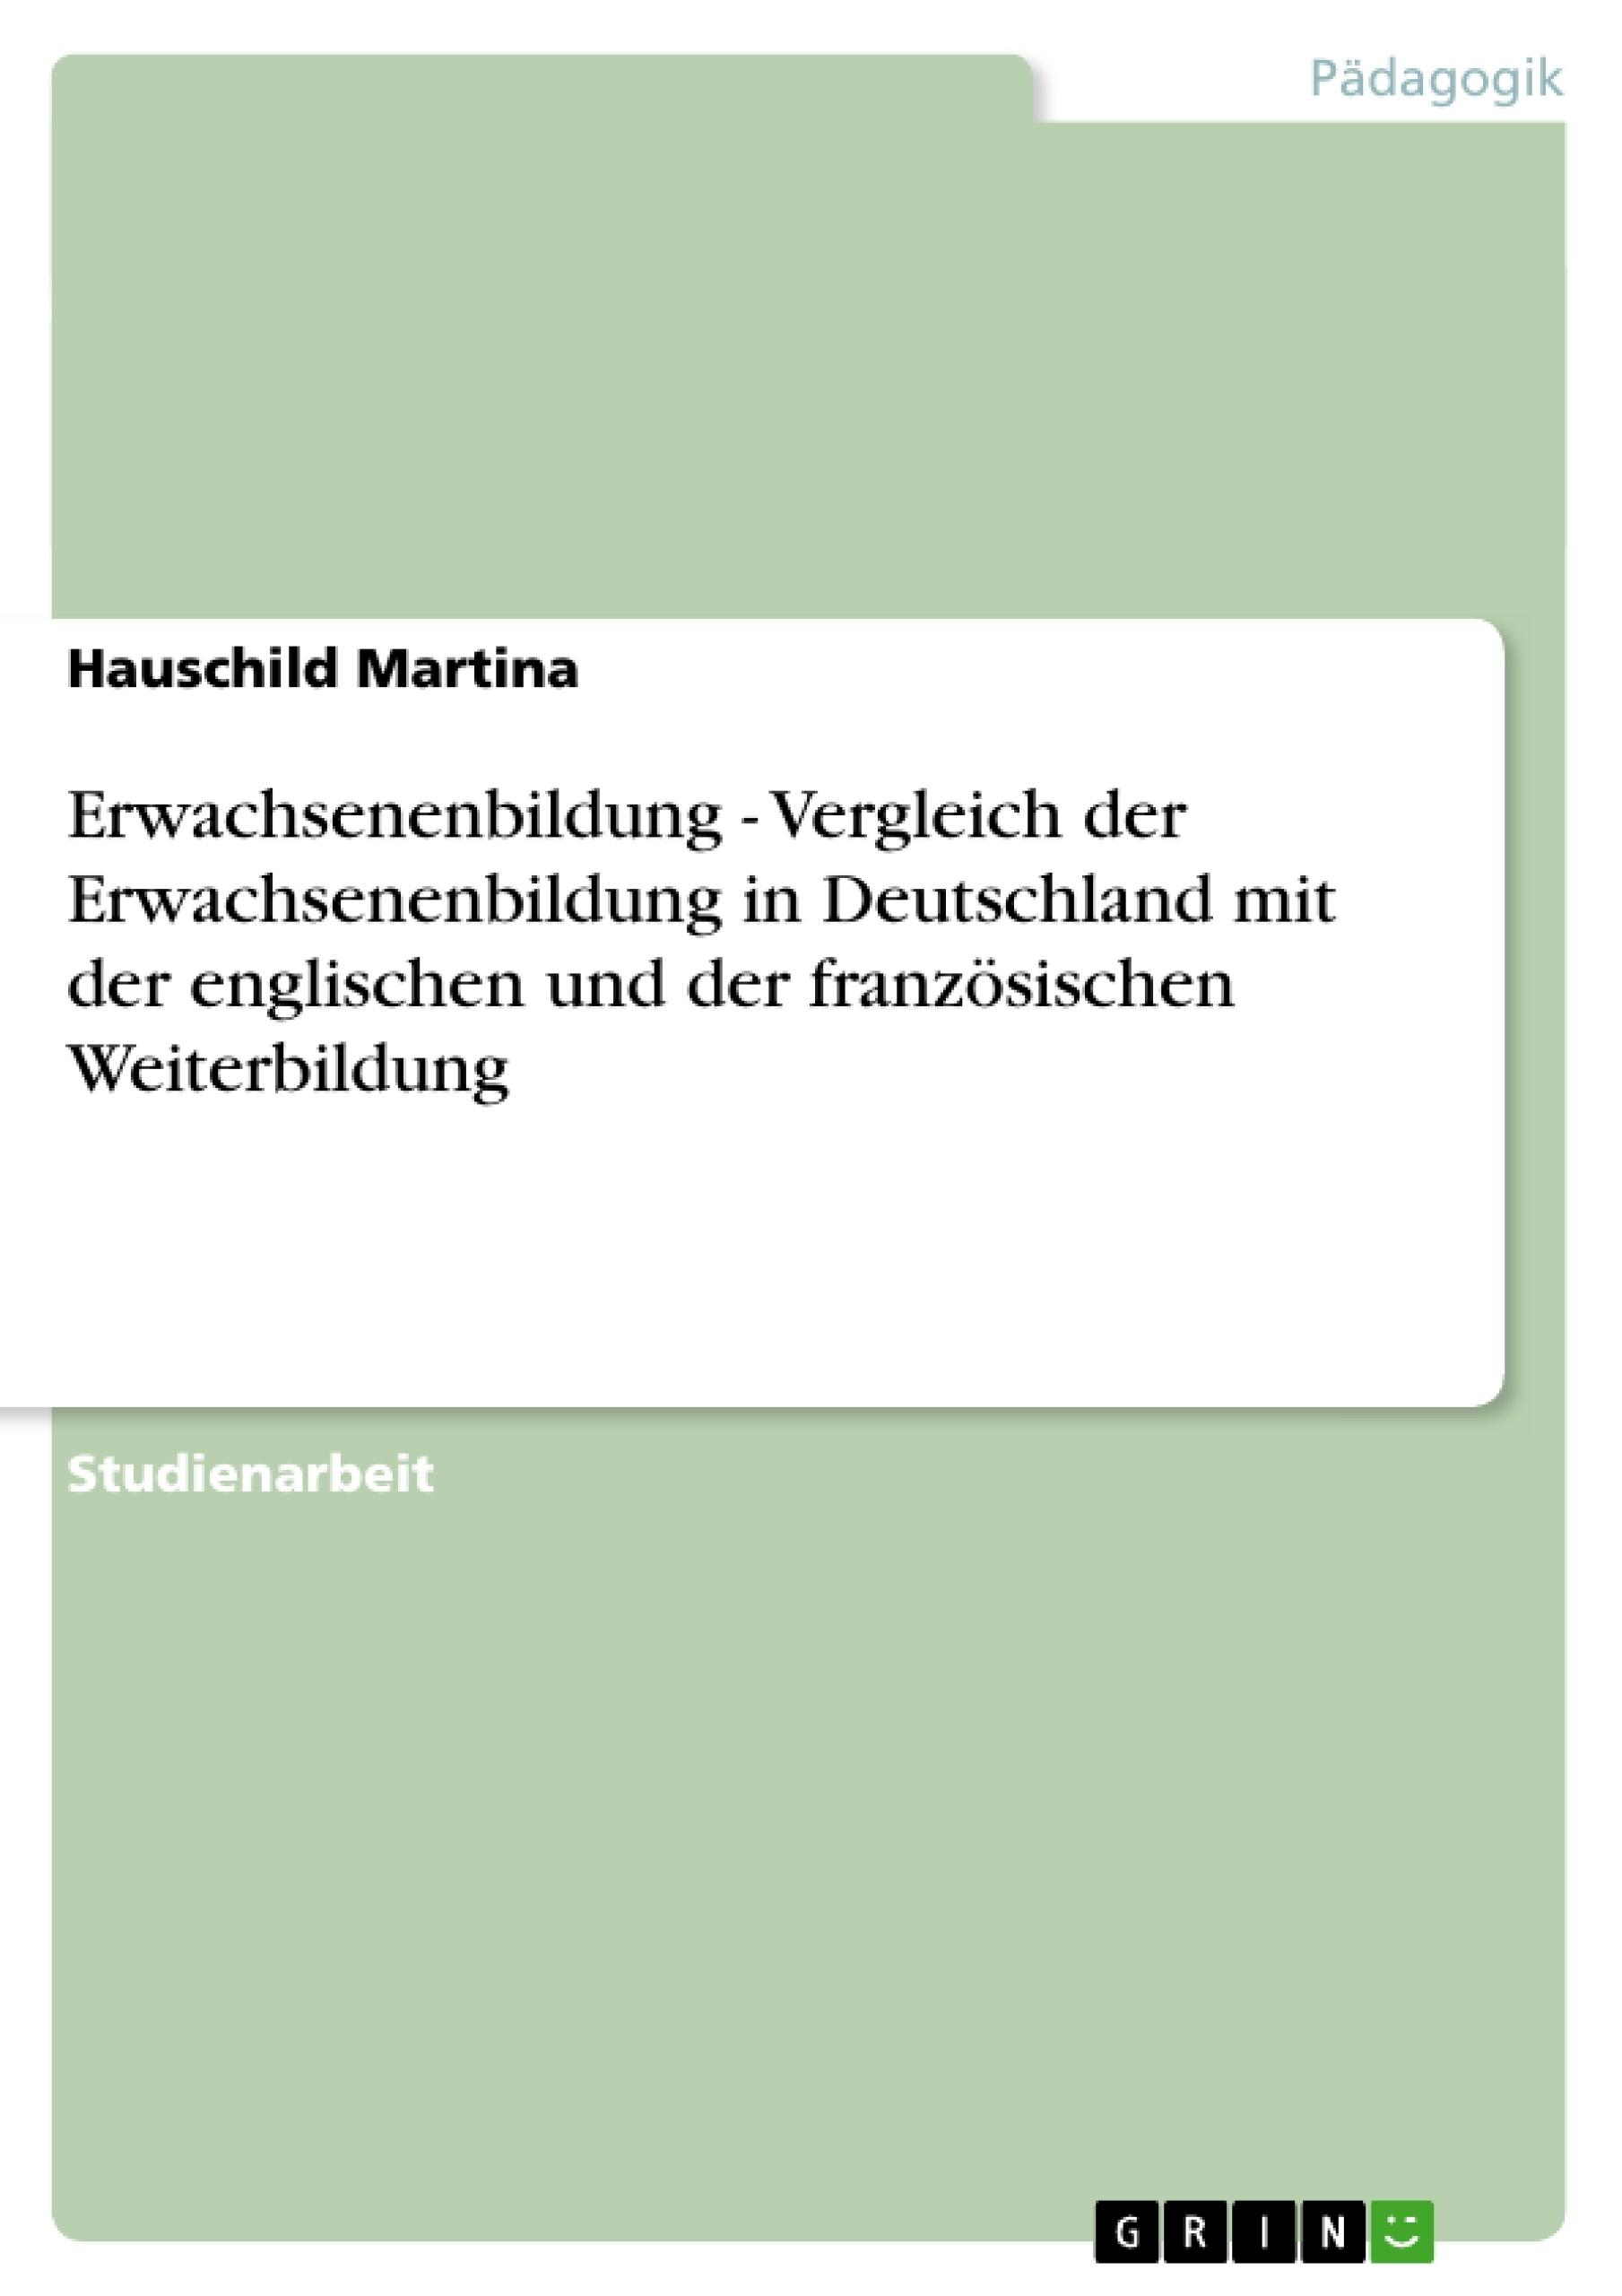 Titel: Erwachsenenbildung  -  Vergleich der Erwachsenenbildung in Deutschland mit der englischen und der französischen Weiterbildung